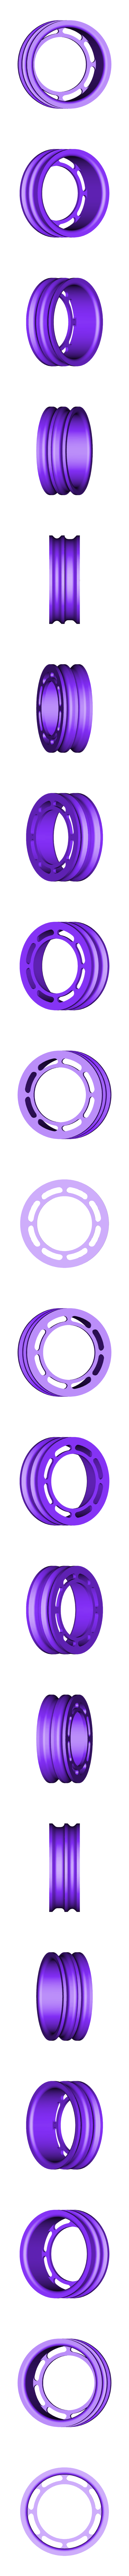 X_Pulley.stl Télécharger fichier STL gratuit Moteur pneumatique radial simple • Modèle pour imprimante 3D, Slava_Z